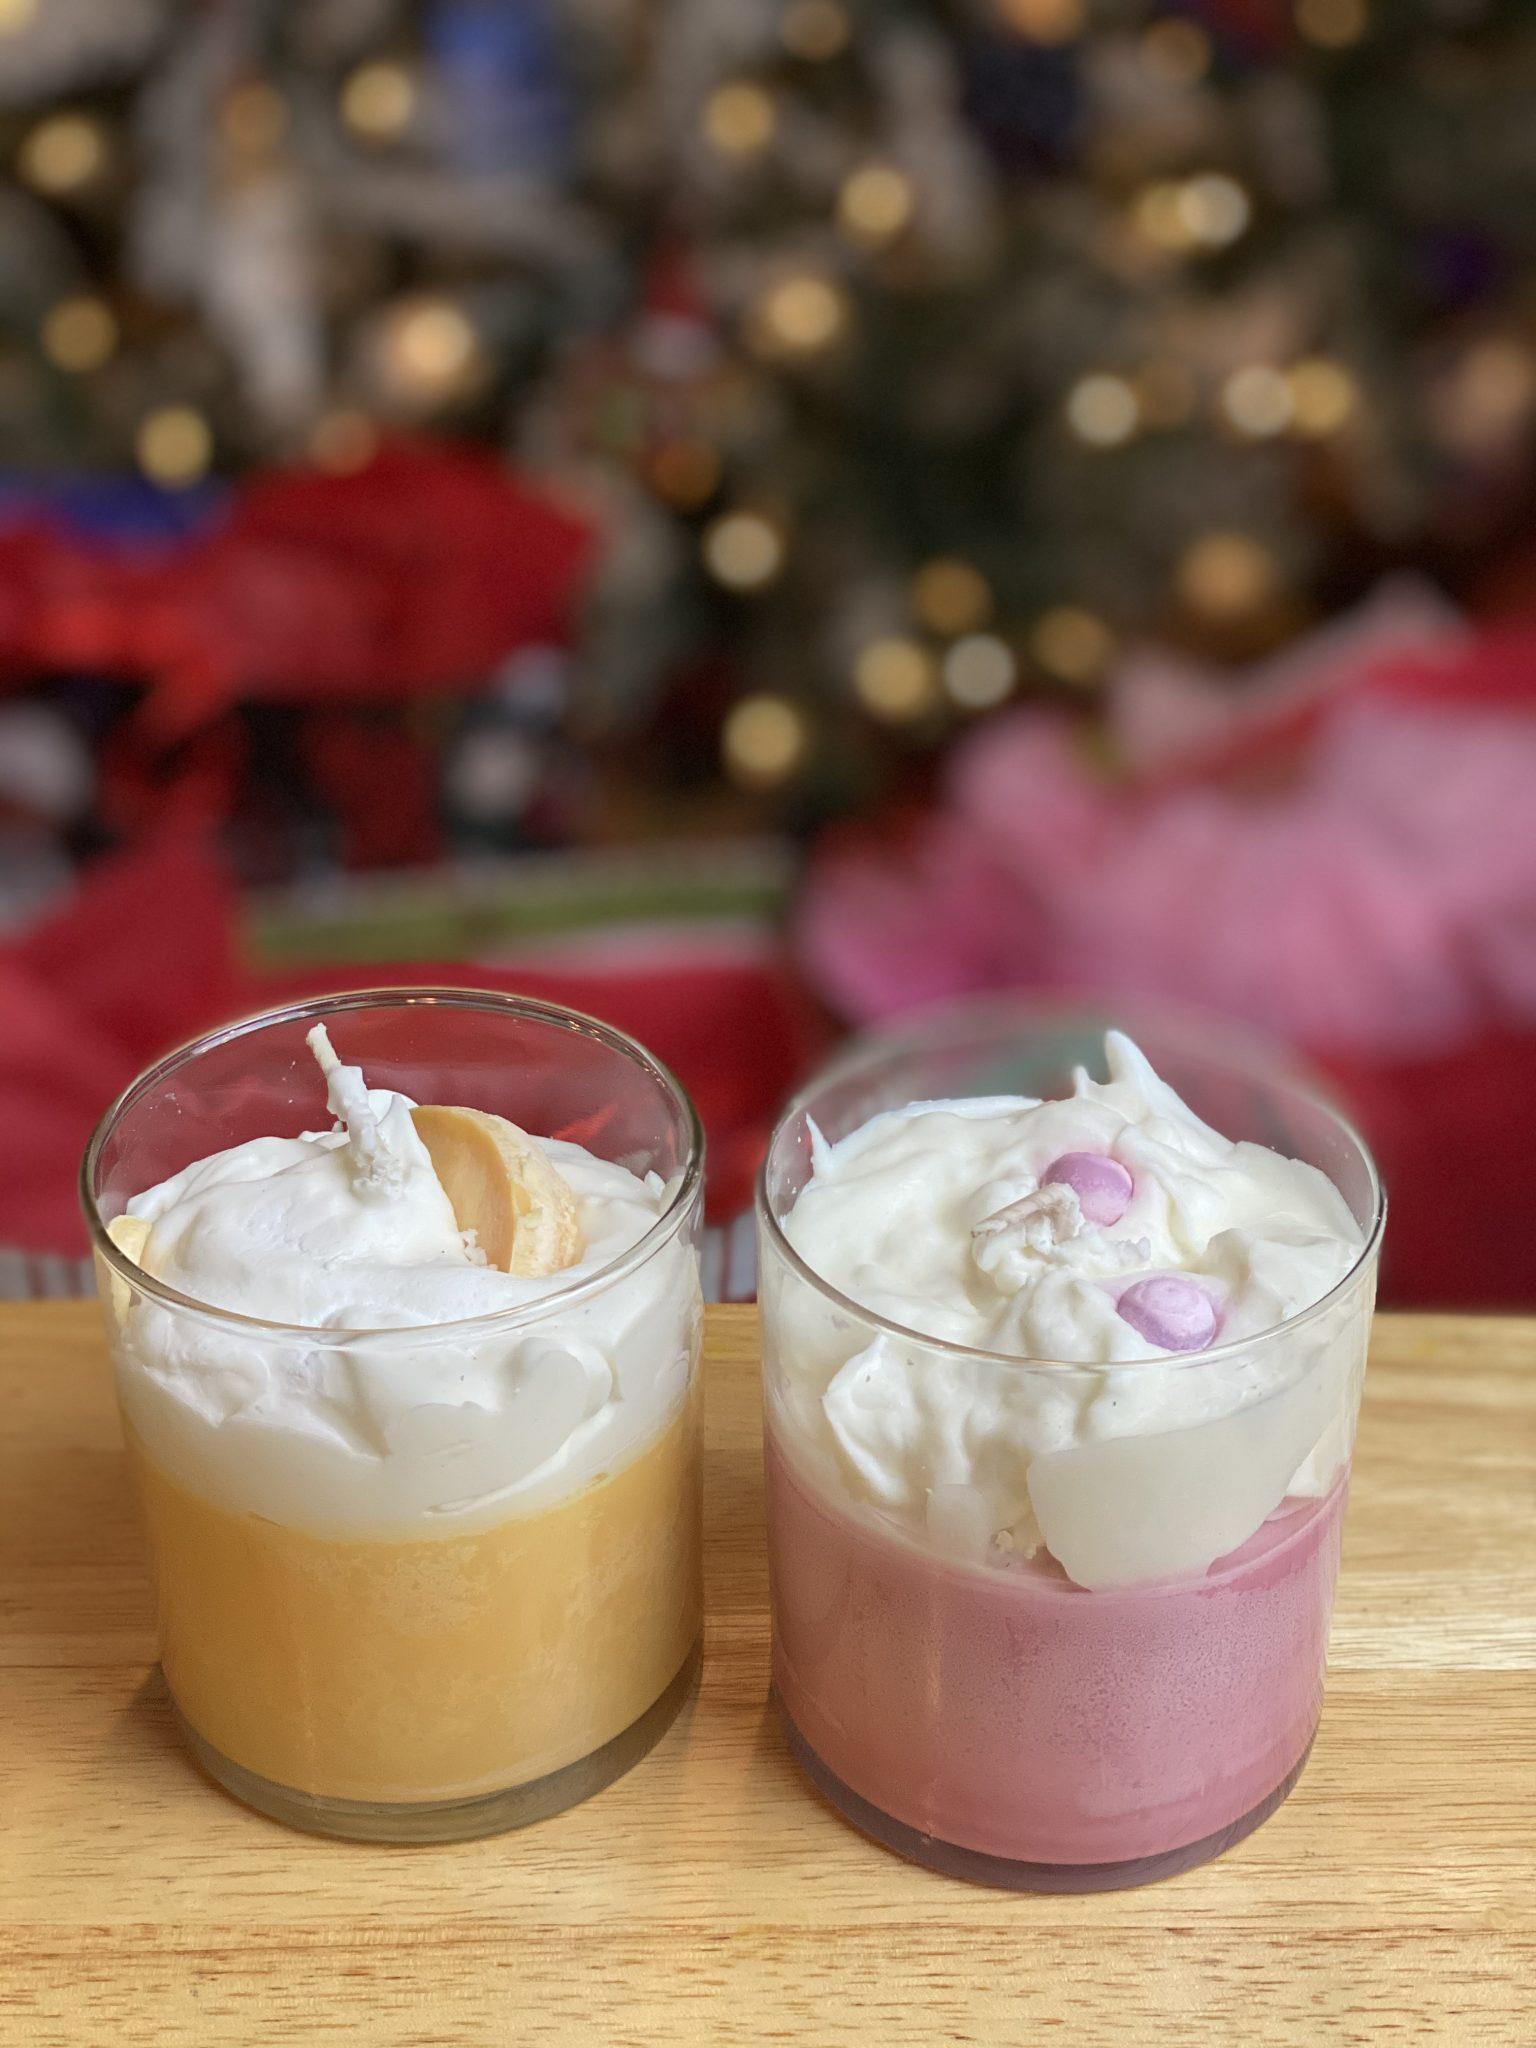 Dessert Candles